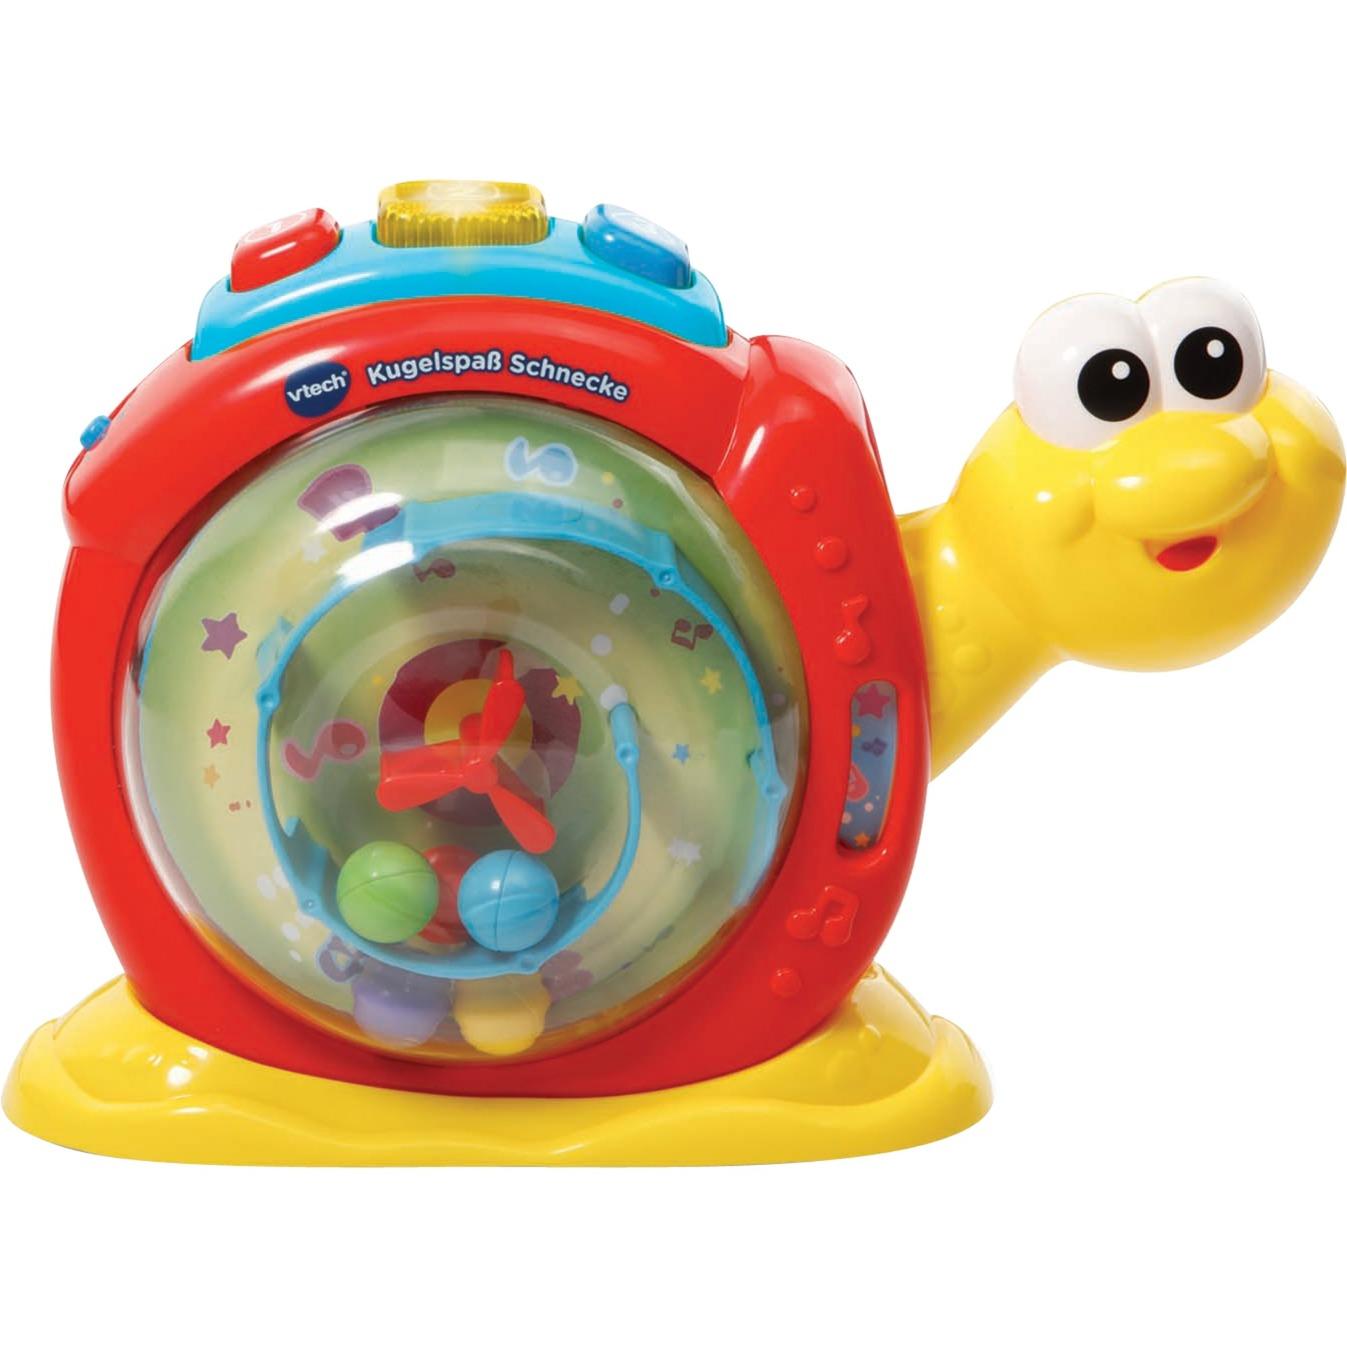 baby-80-502404-bornehave-drengpige-legetoj-til-laring-spil-figur